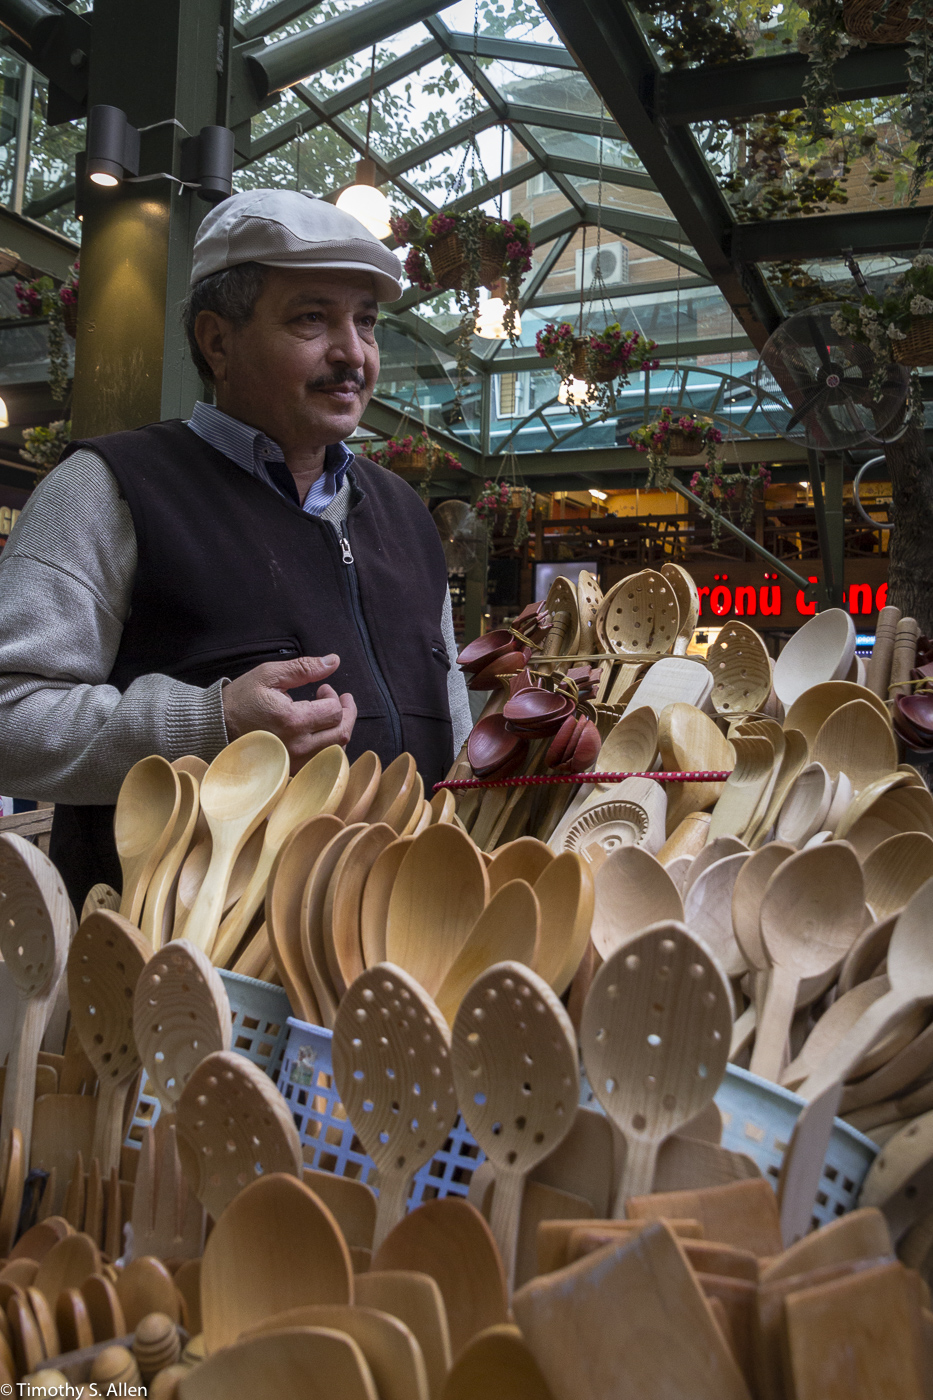 Handmade Wooden Kitchen Utensils Peddler - Bazaar, Izmir, Turkey, December 11, 2015